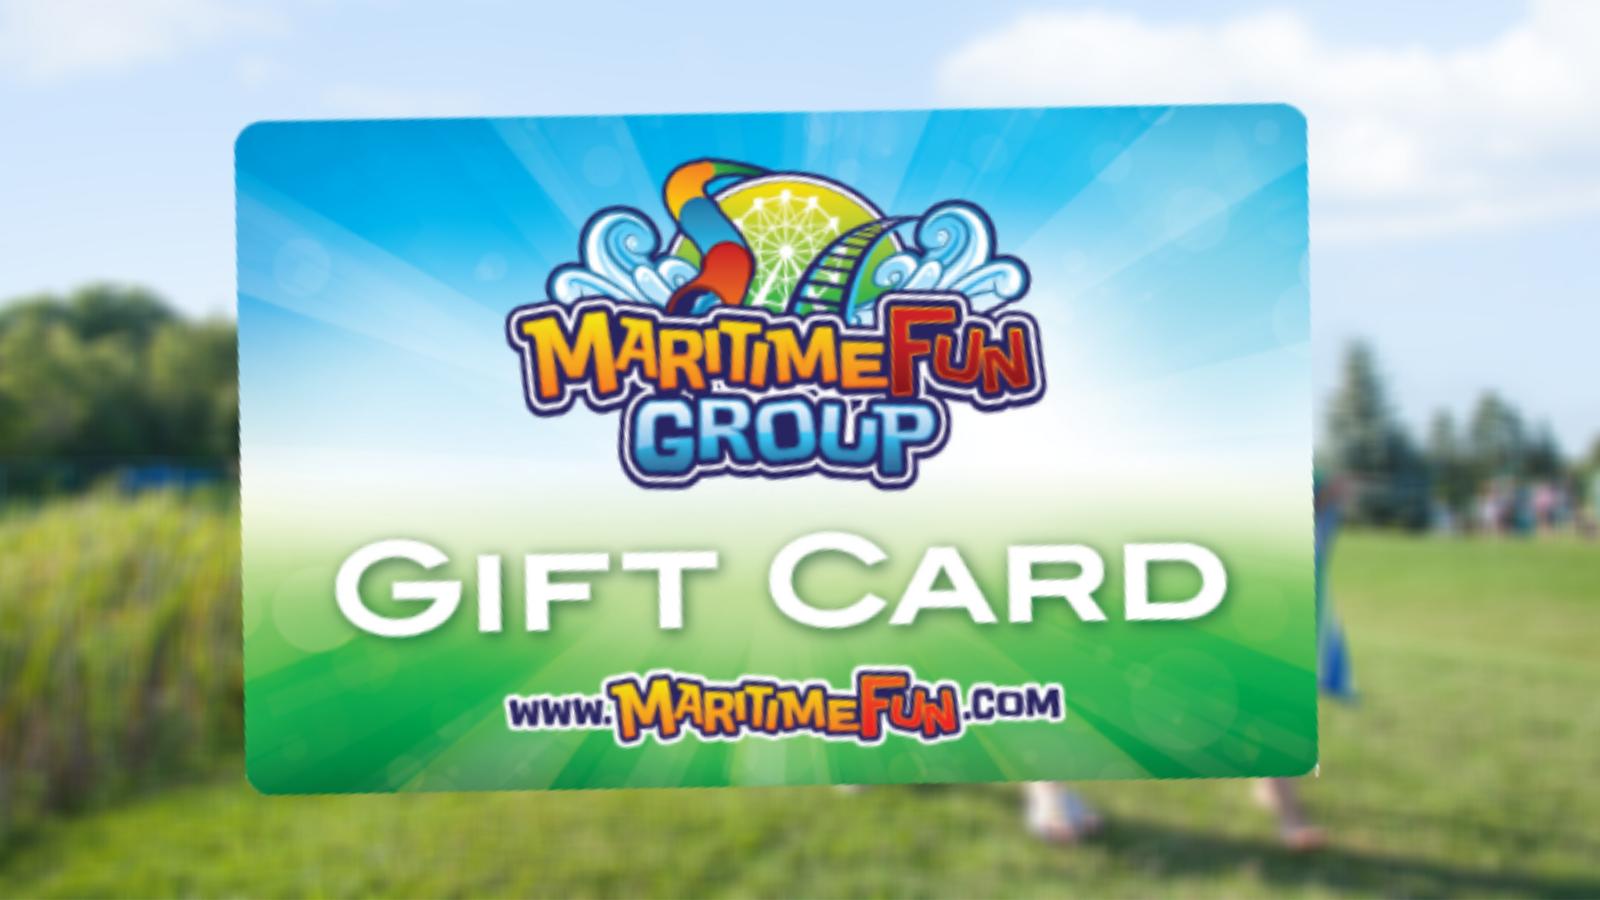 Maritime Fun Group Gift Card